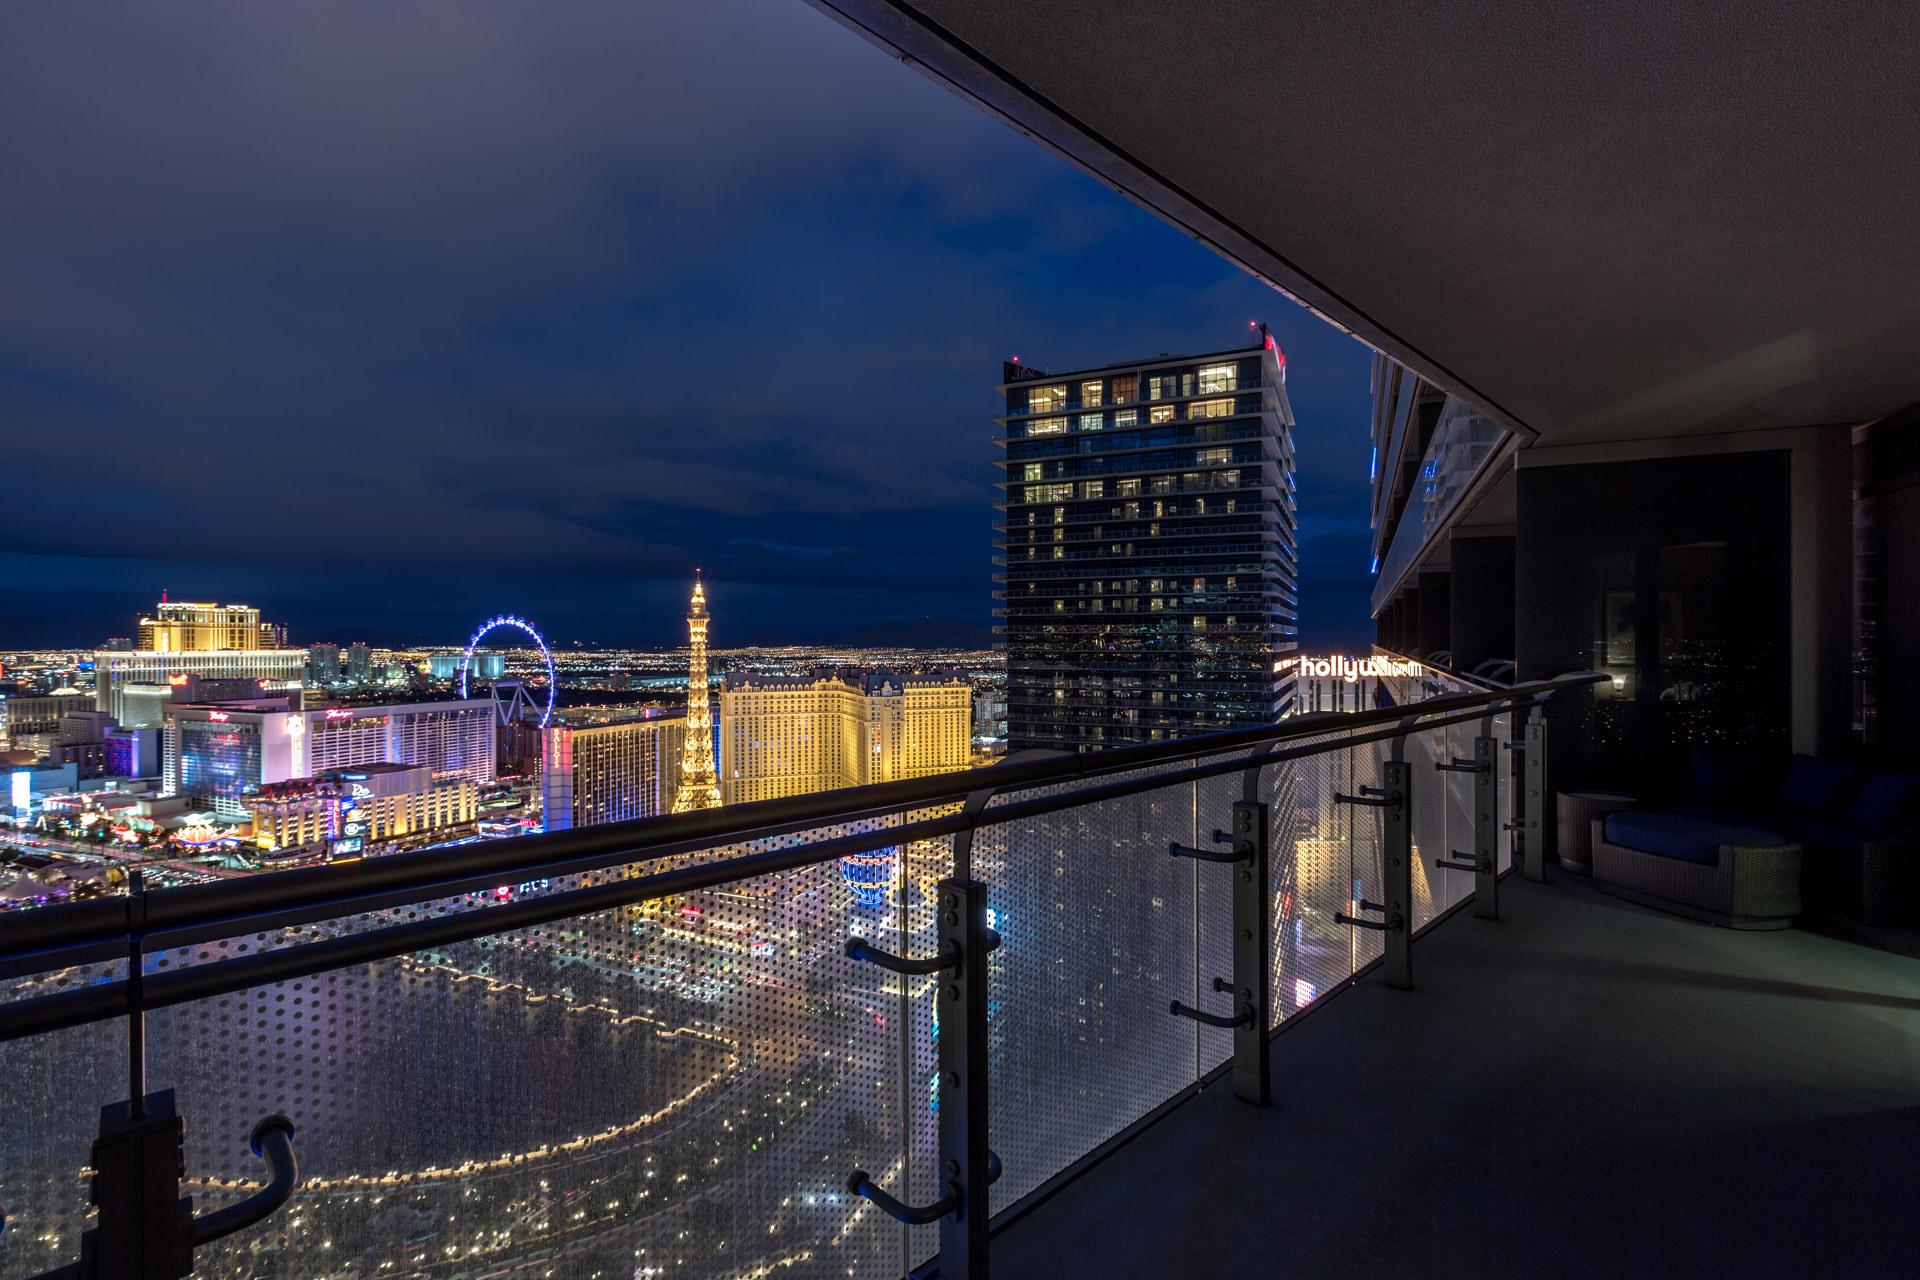 Cosmopolitan Las Vegas - Unit 4619